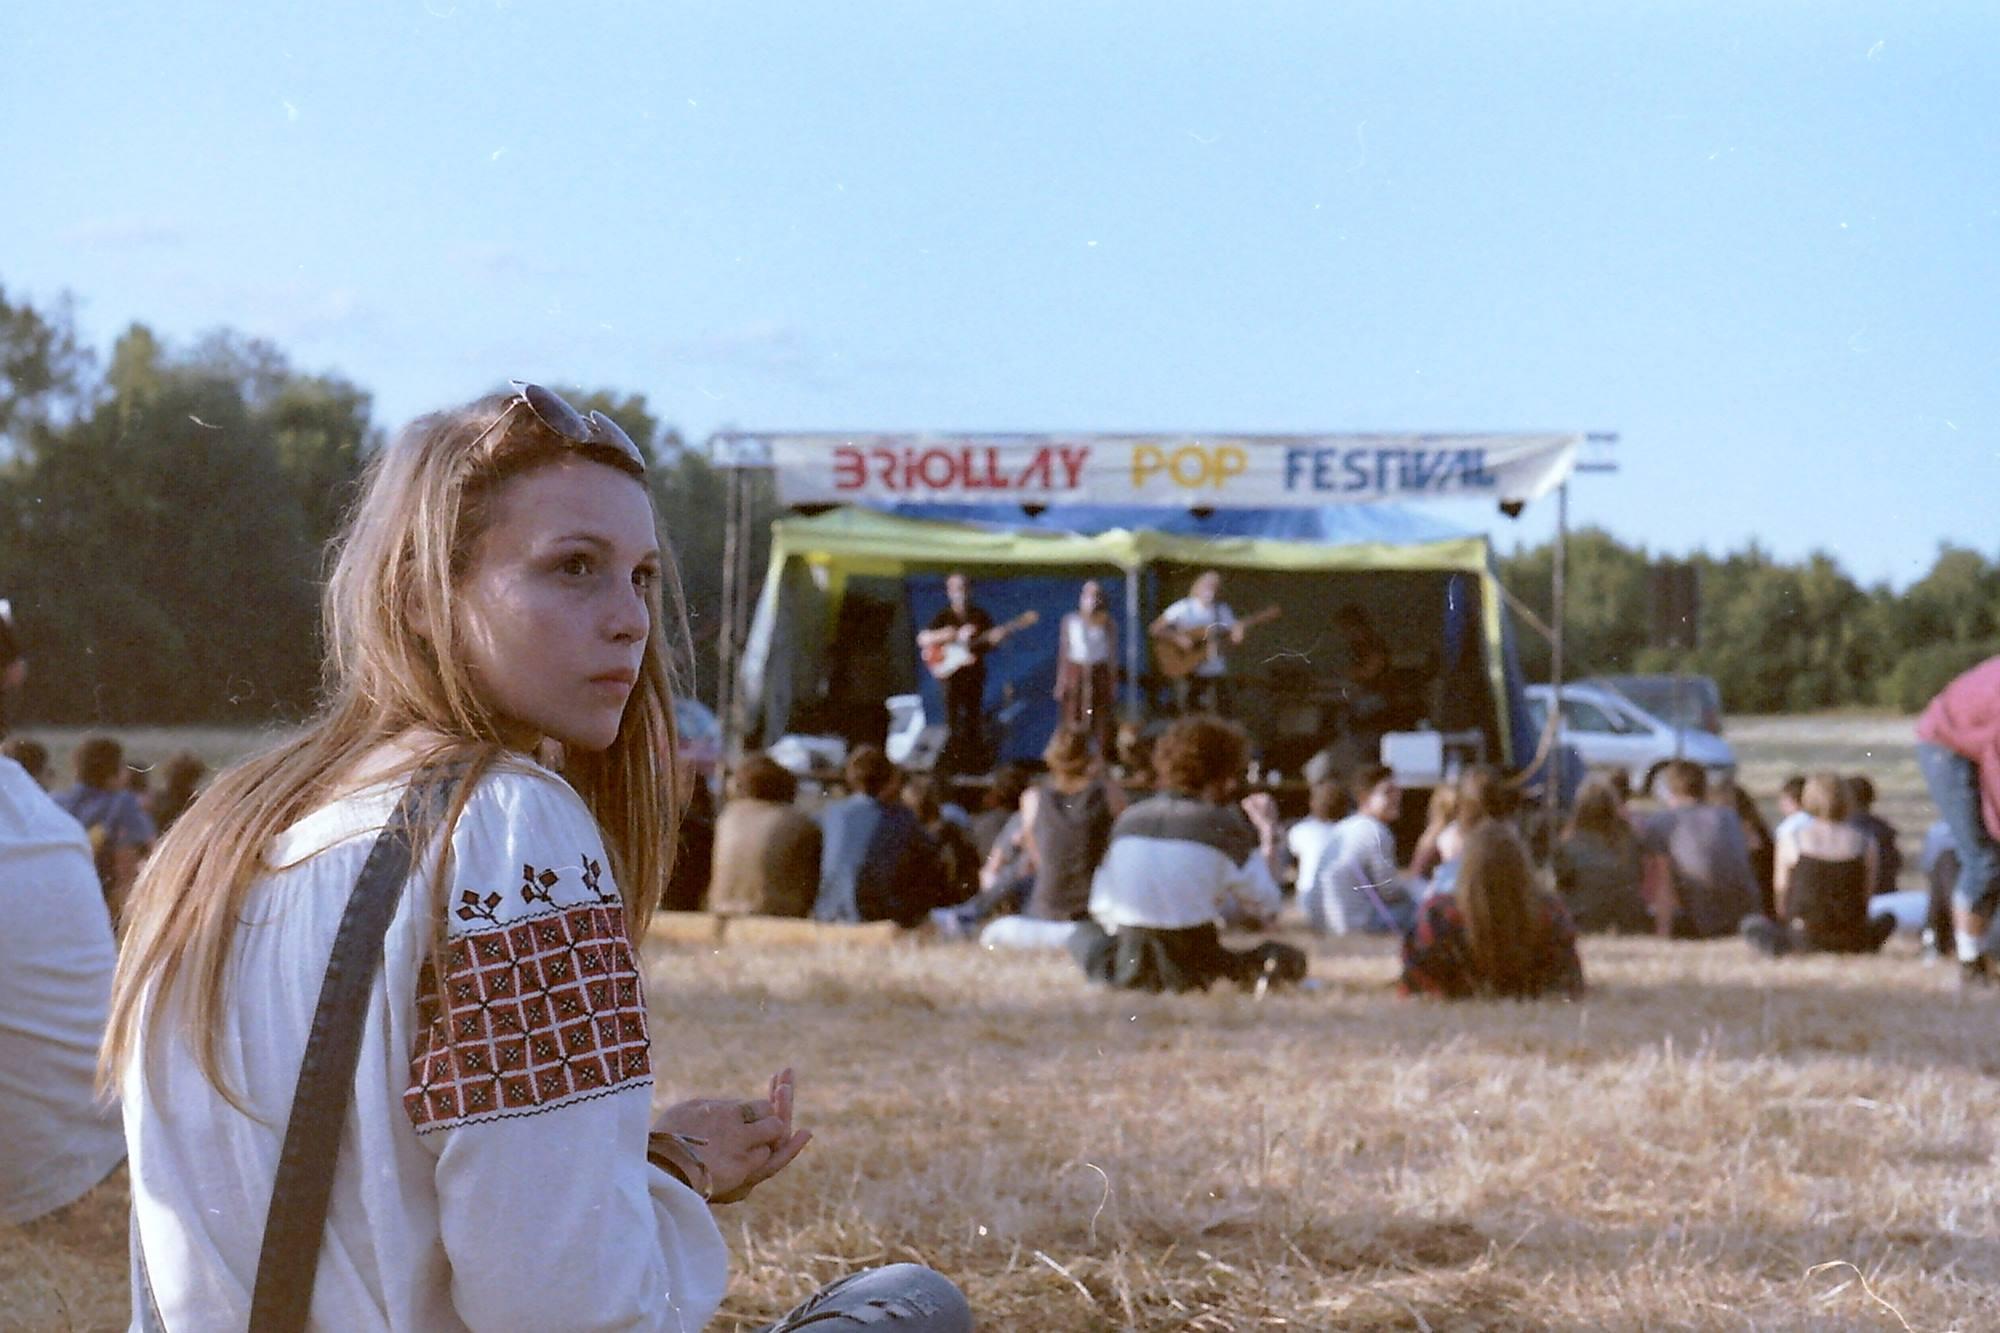 Briollay Pop Festival : 24h de musique, 12 concerts, 48h de liberté à travers champs